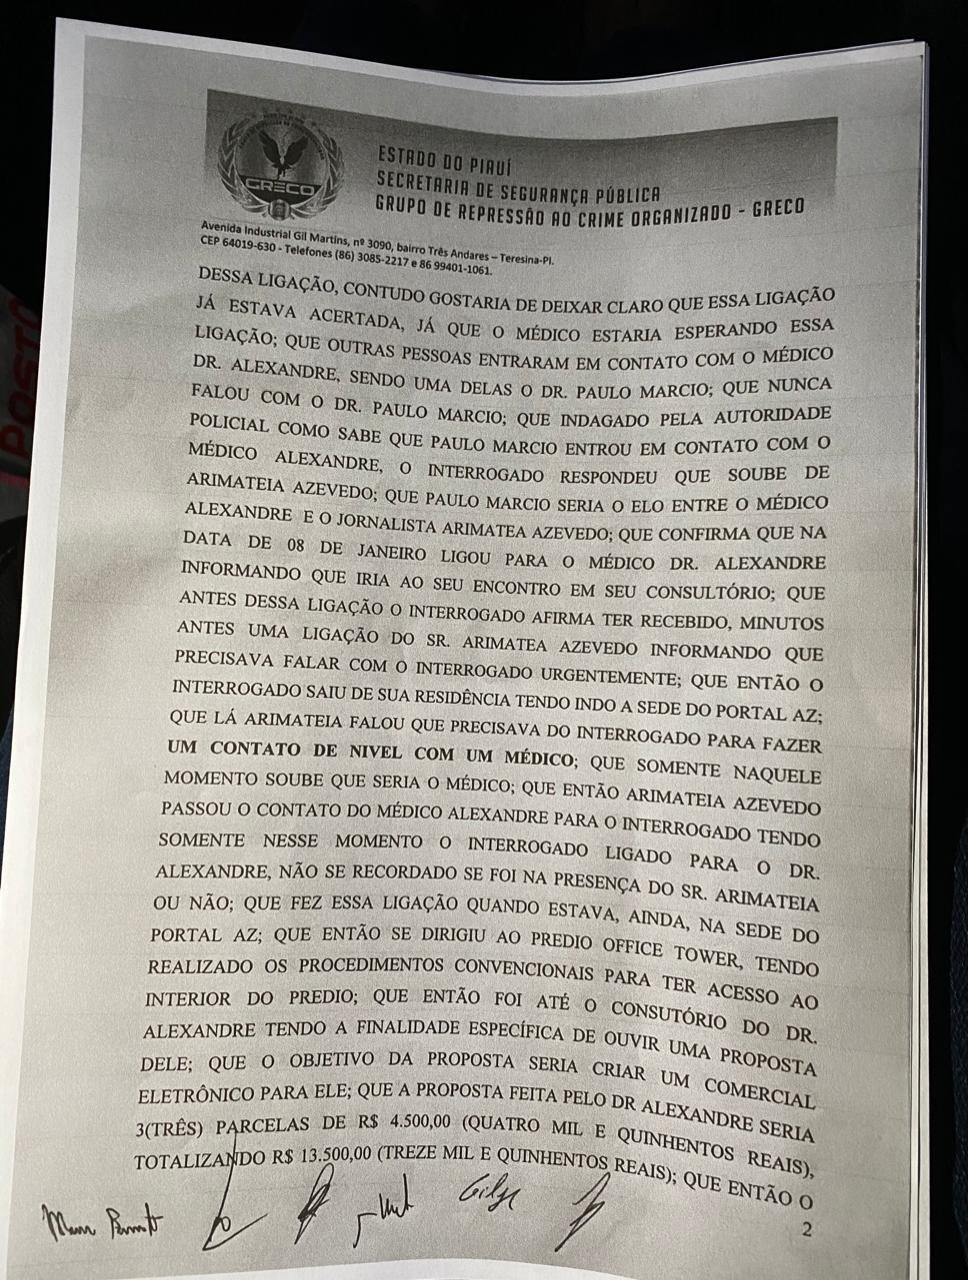 Arimateia Azevedo: Veja delação feita pelo professor Francisco Barreto - Imagem 4